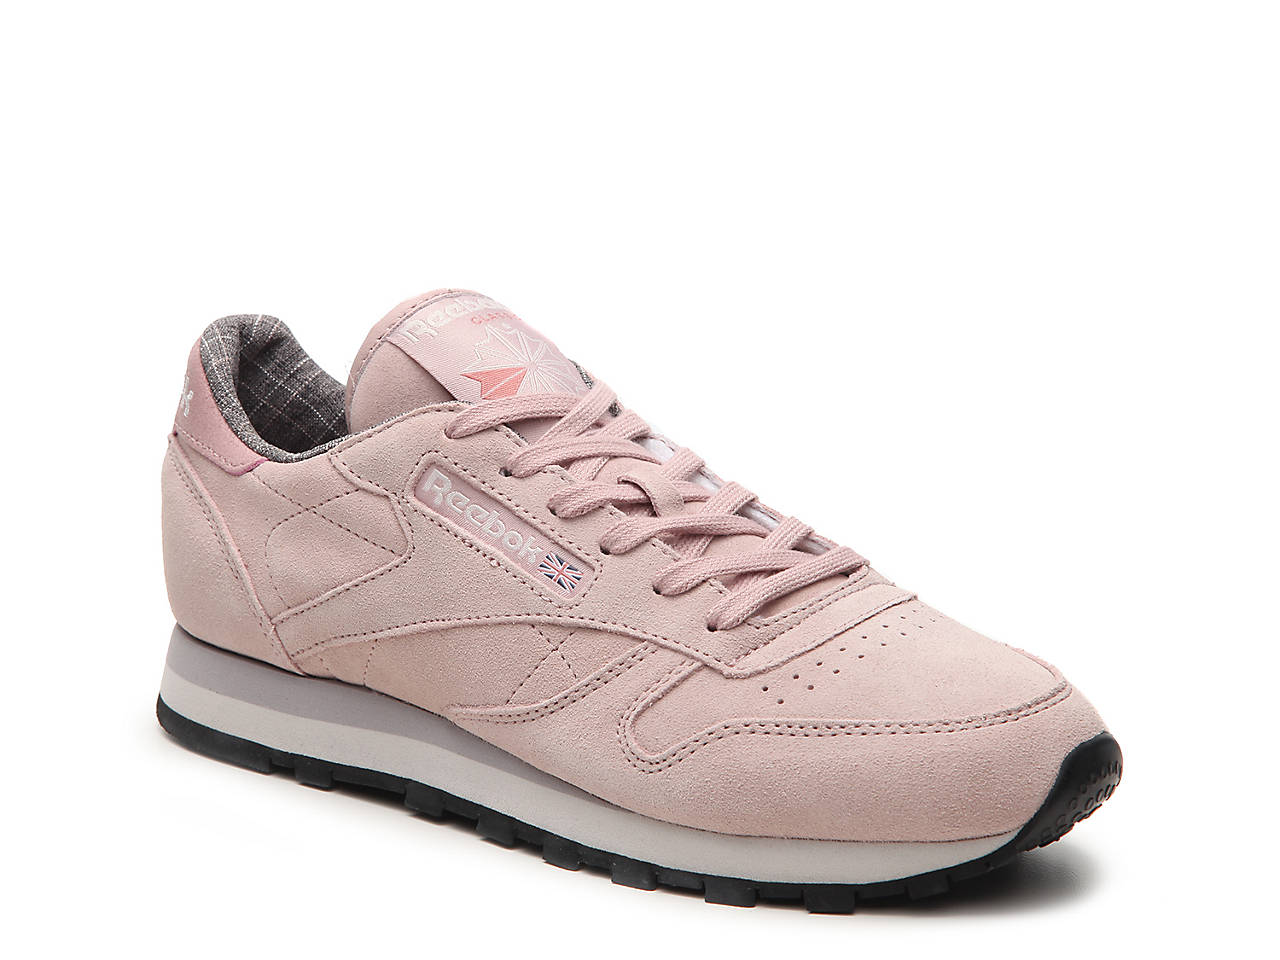 167702548d6a6 Reebok Classic Suede Sneaker - Women s Women s Shoes